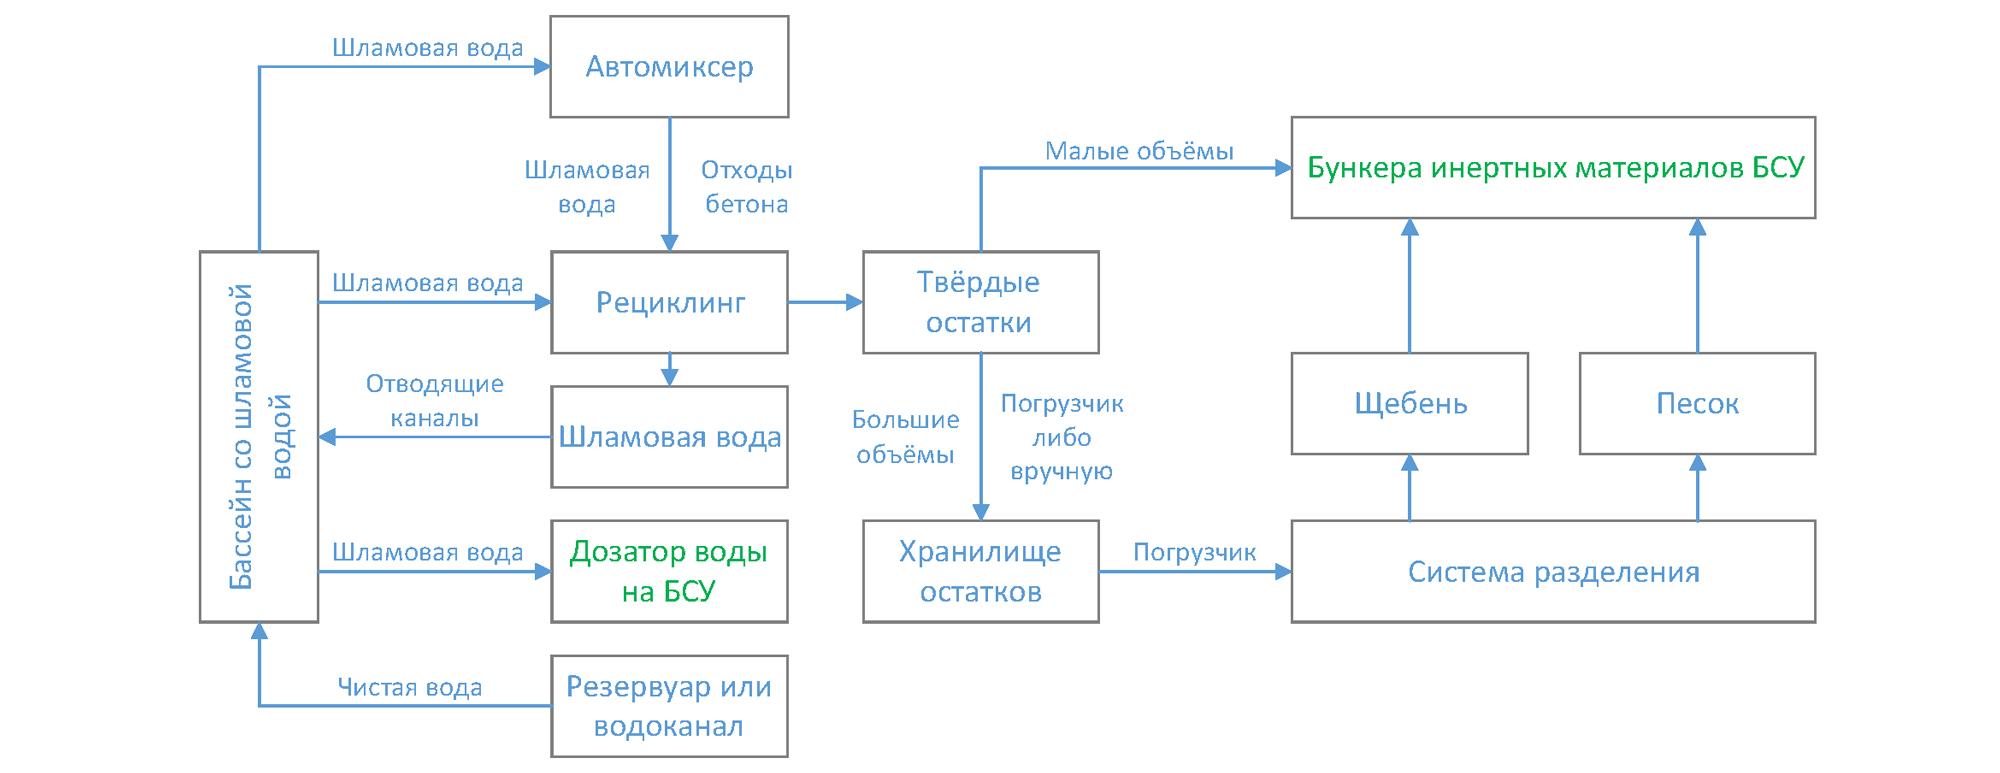 Схема применения системы рециклинга